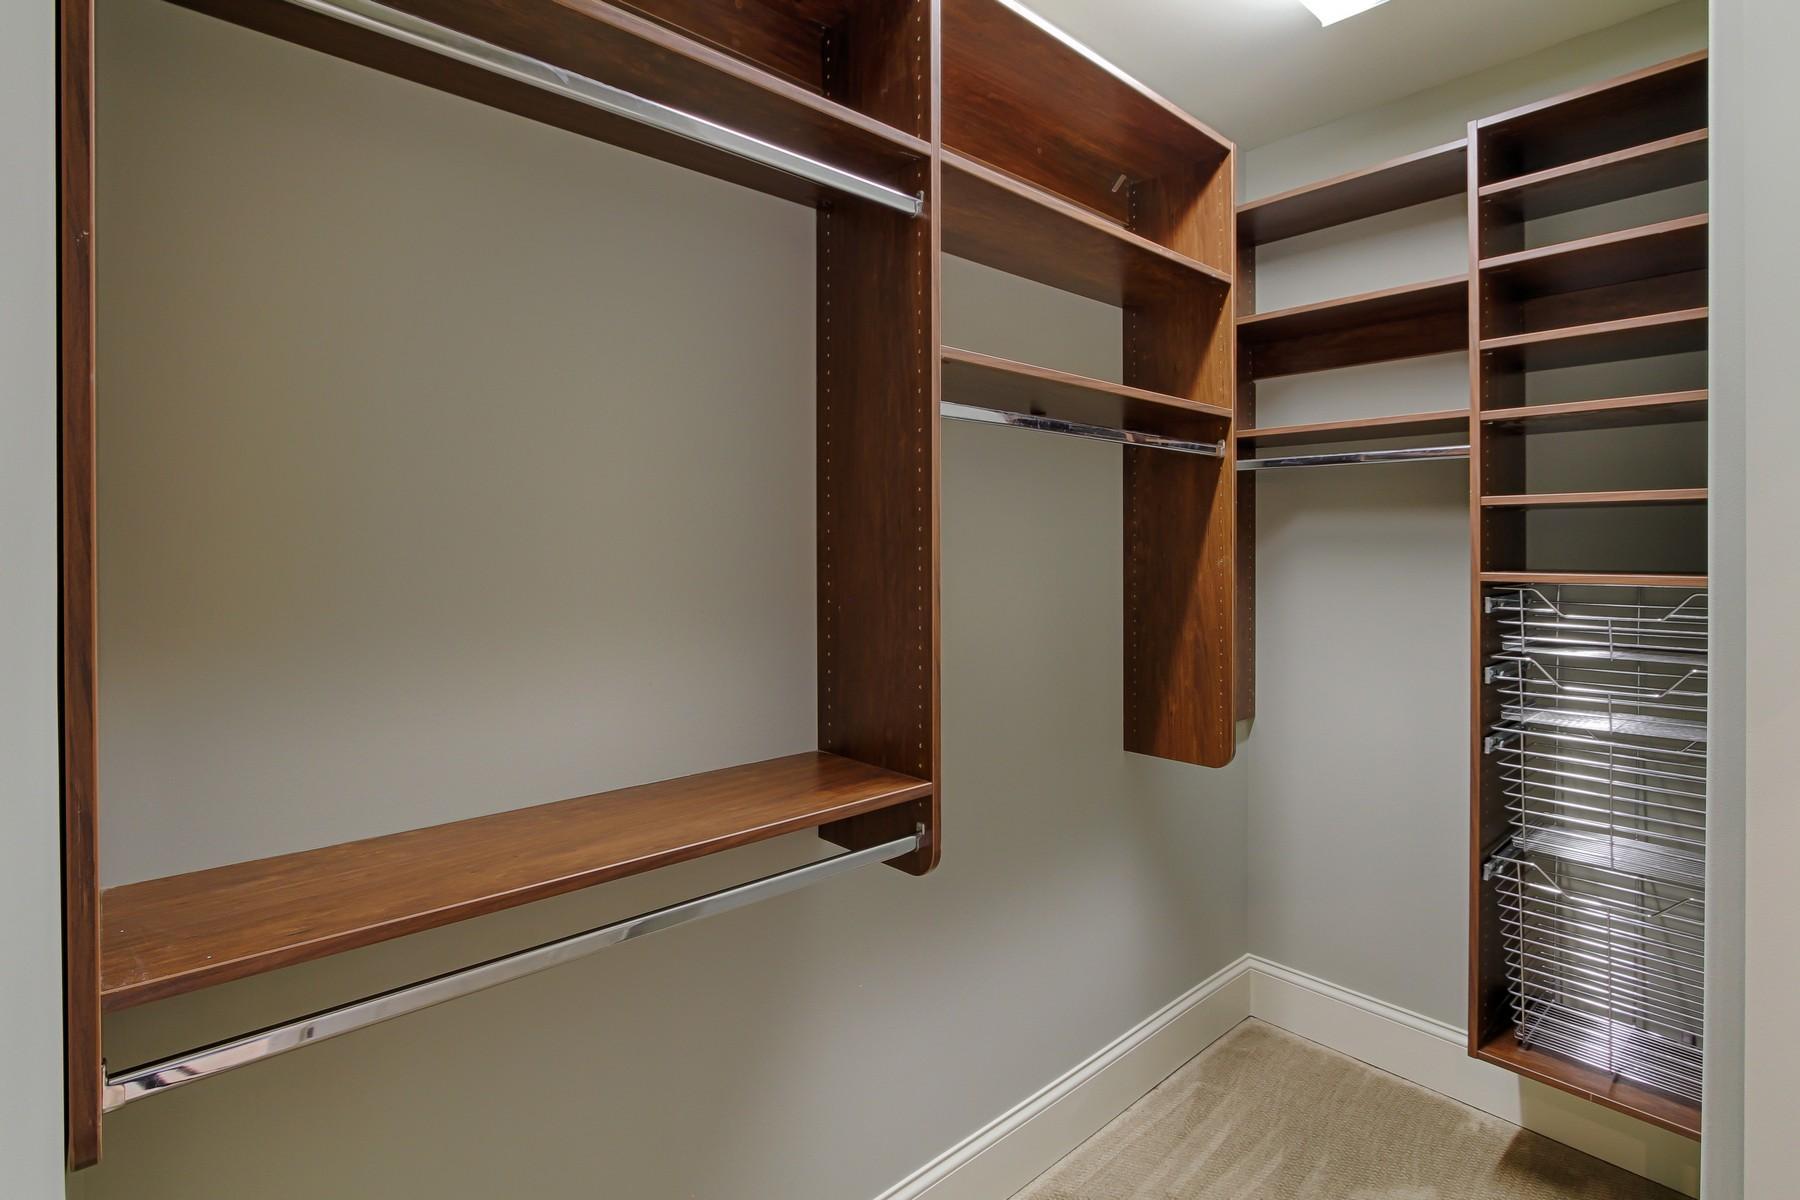 Separate designer closets